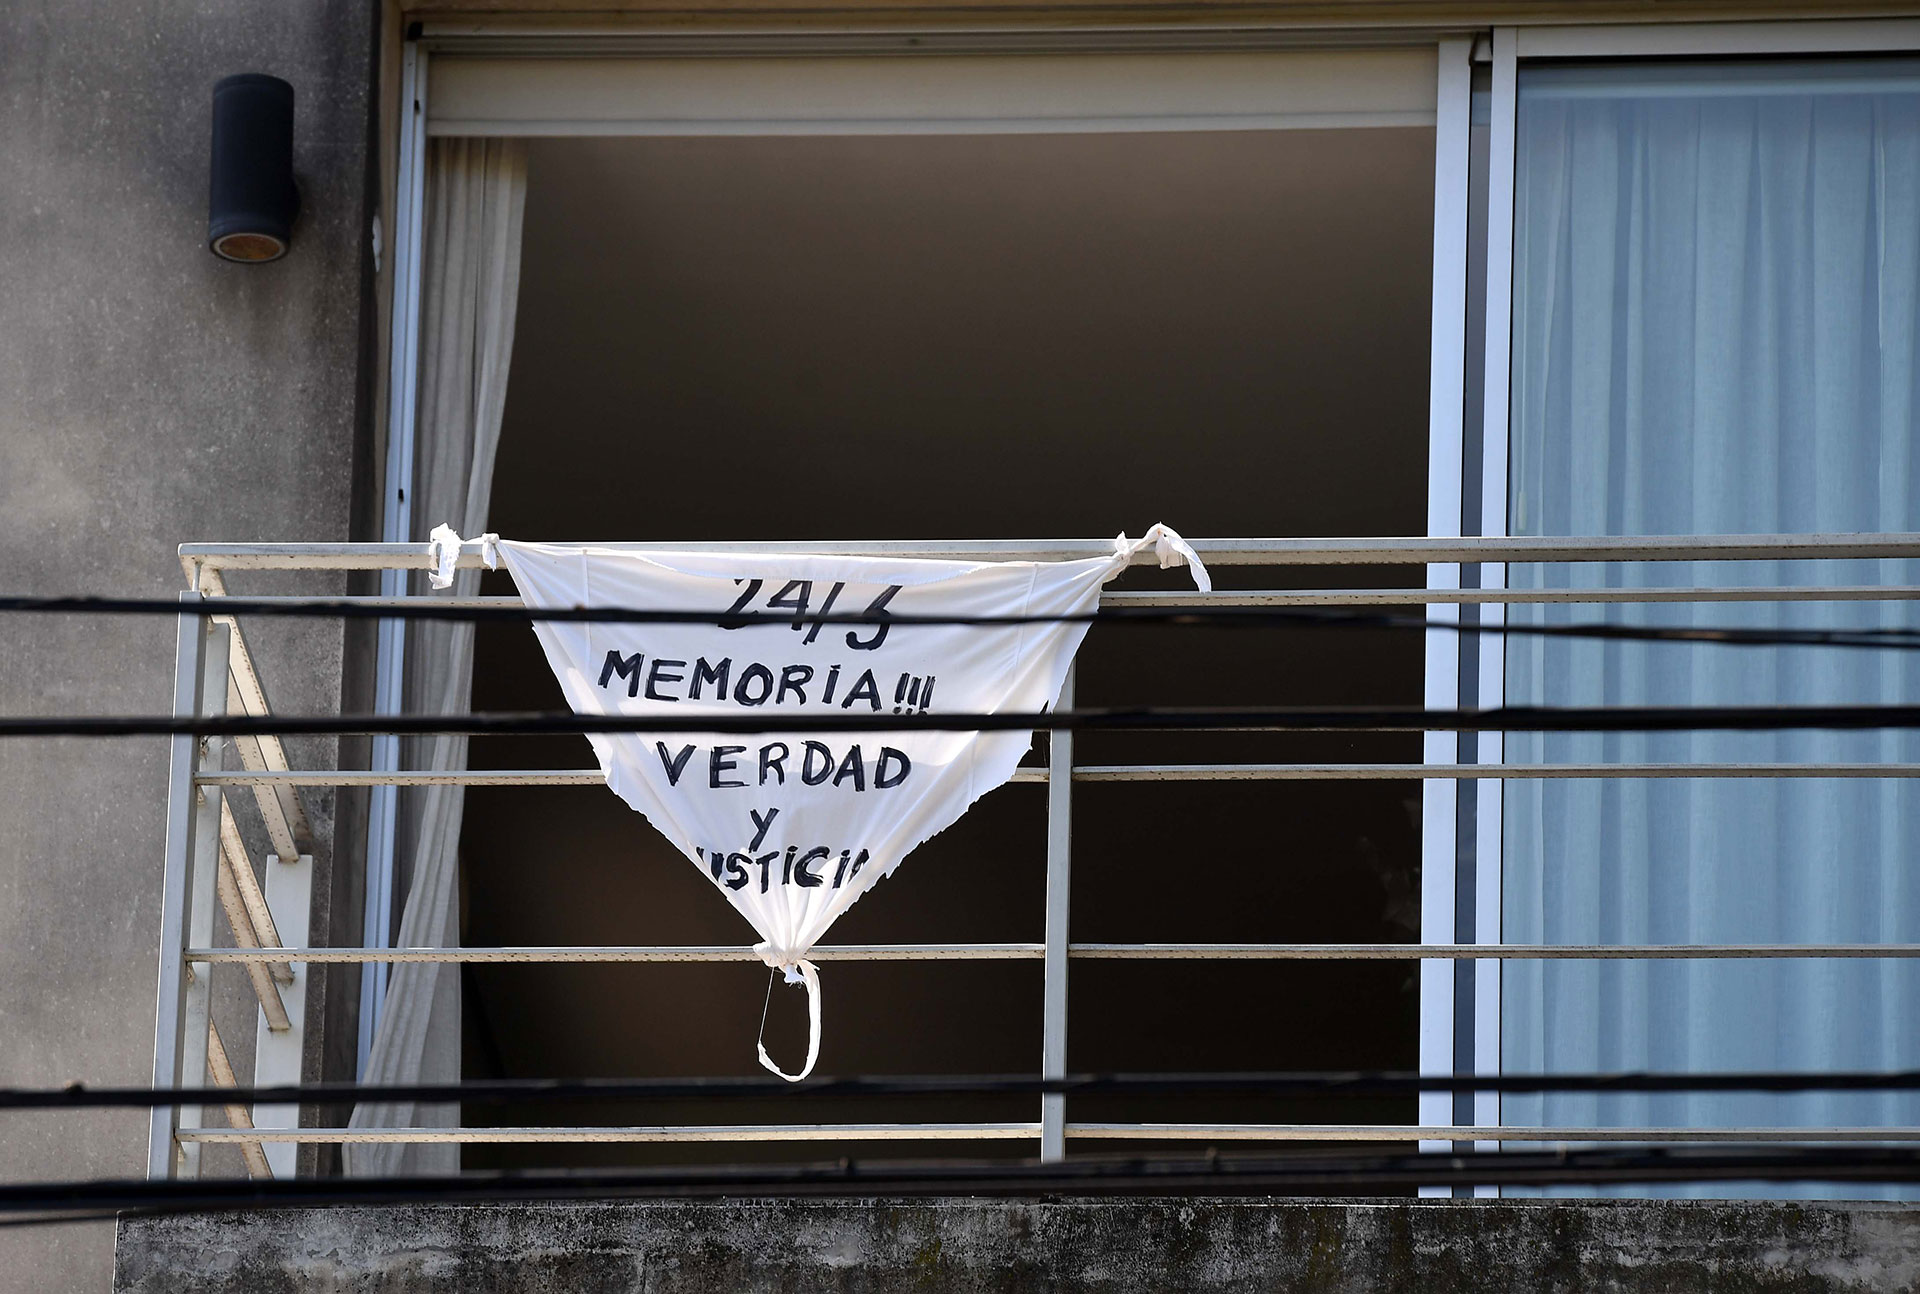 Para el 24 de marzo los organismos de derechos humanos argentinos llamaron a realizar un